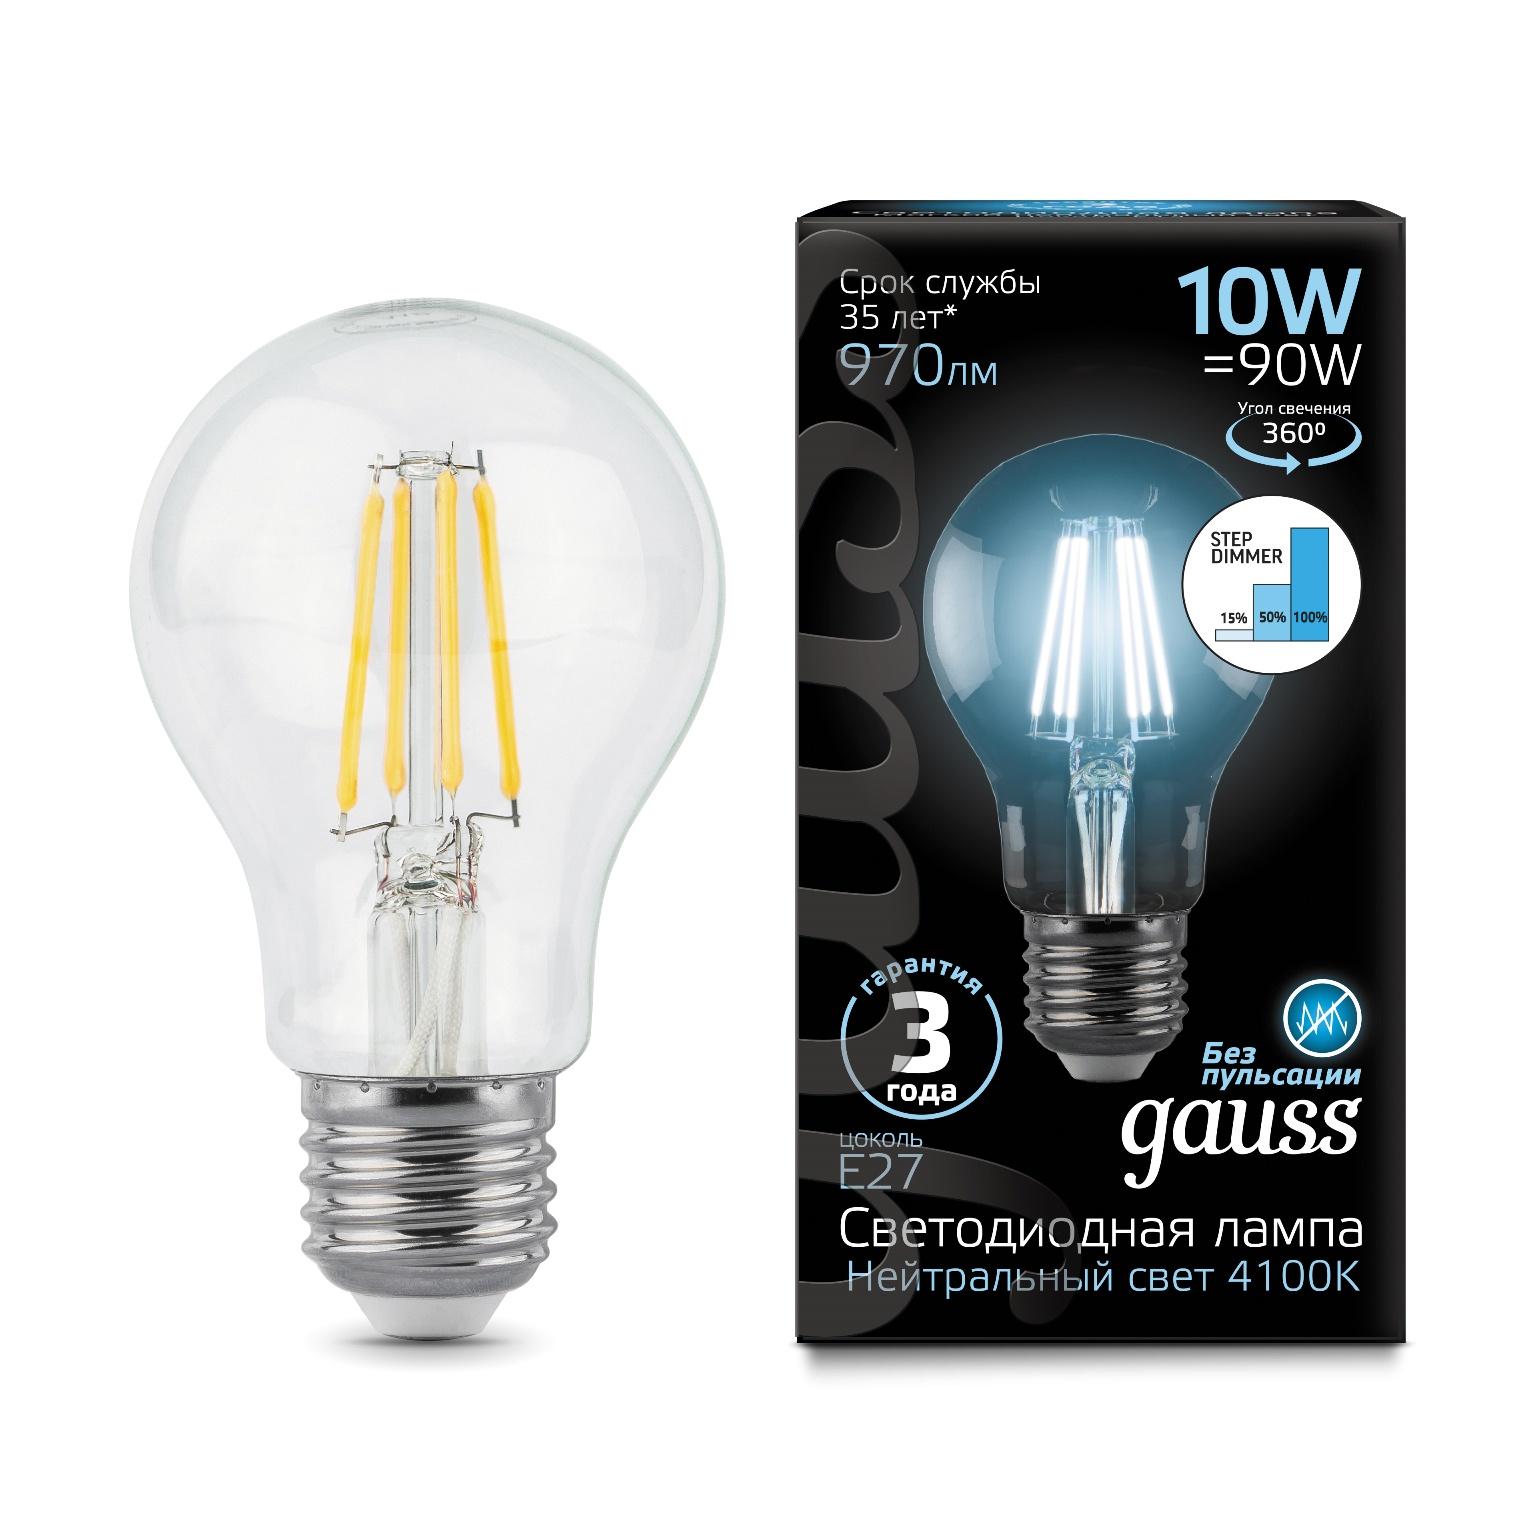 Лампочка Gauss LED Filament A60 E27 10W 970lm 4100К